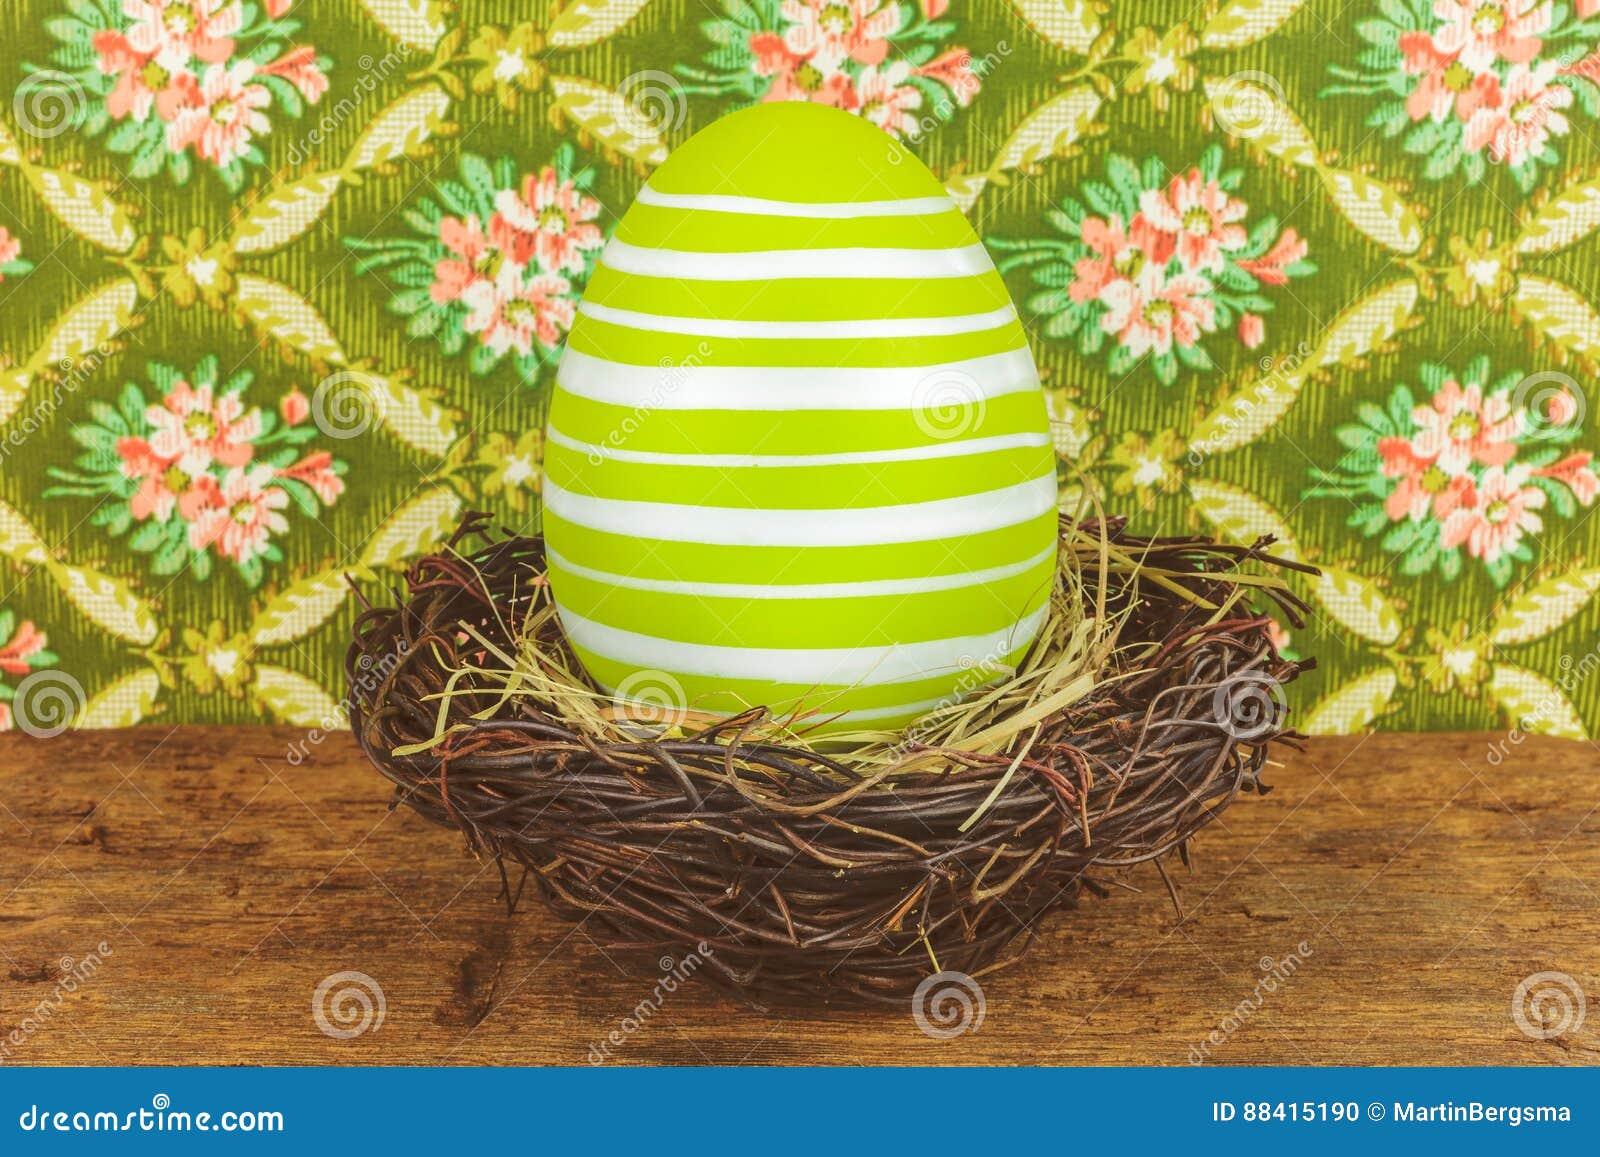 Zieleń farbujący duży Easter jajko w ptasim gniazdeczku na drewnianym stole